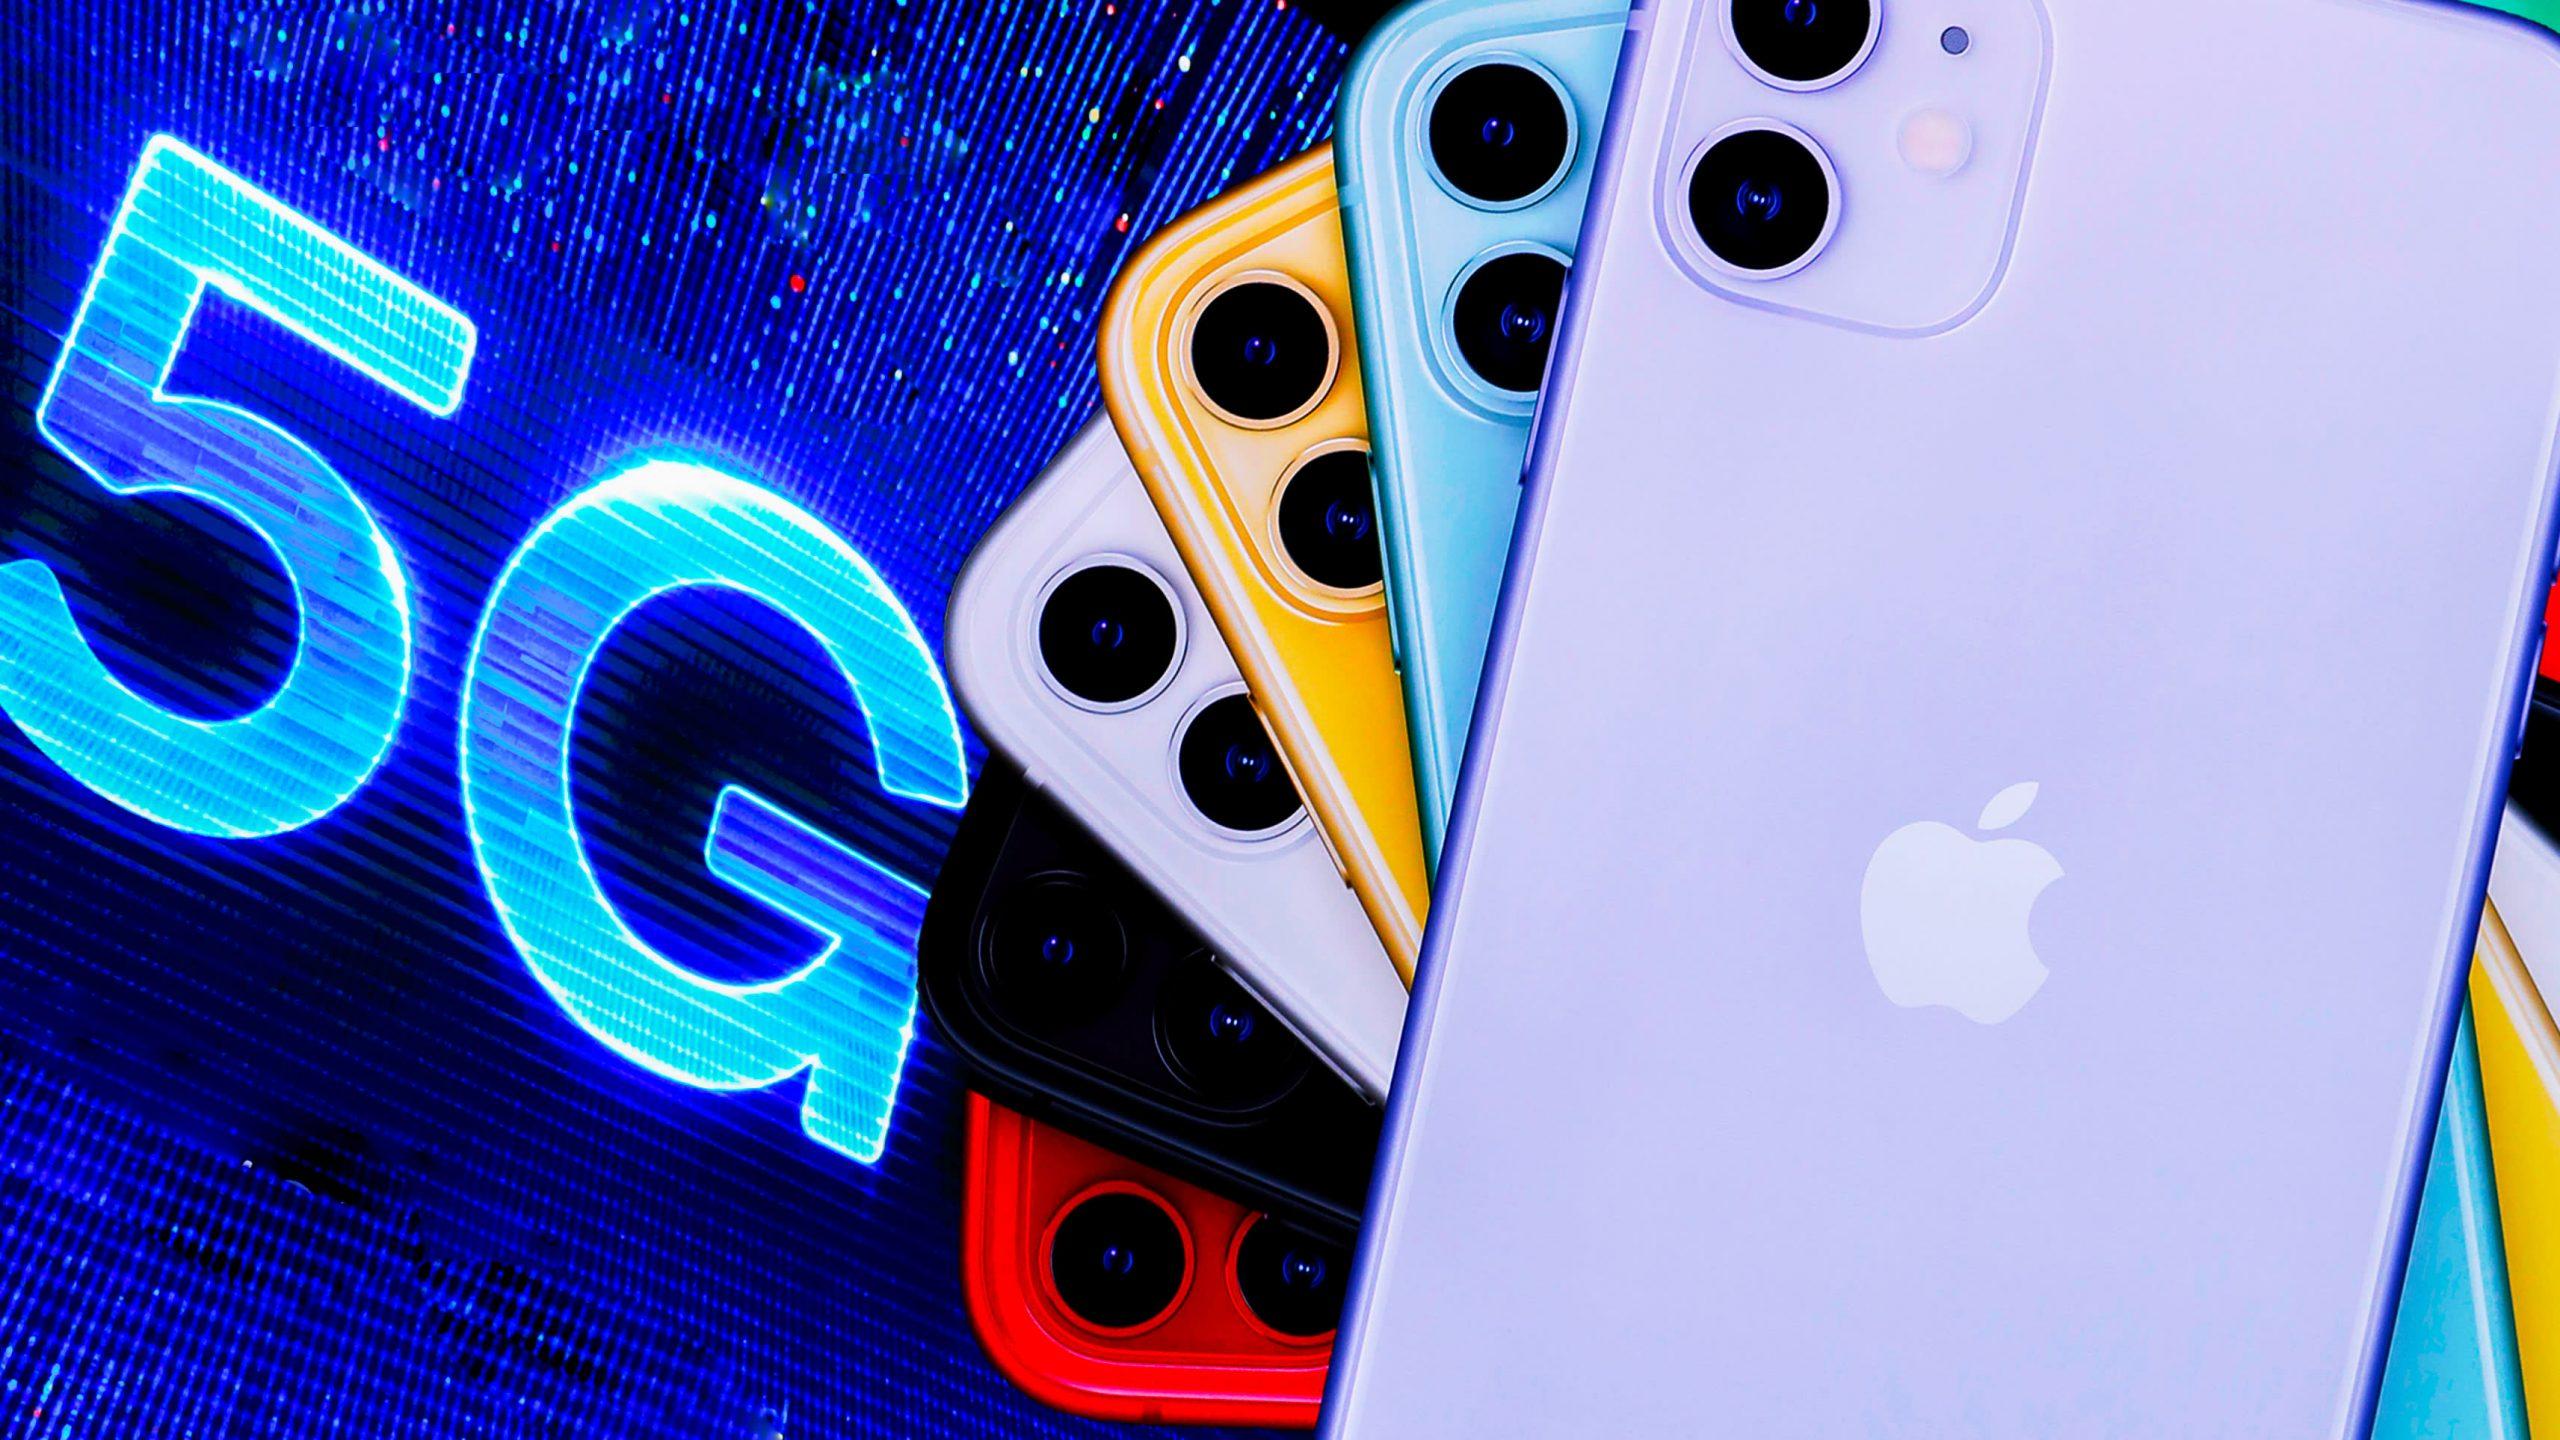 Se espera que Apple lidere las ventas de smartphones 5G en 2020